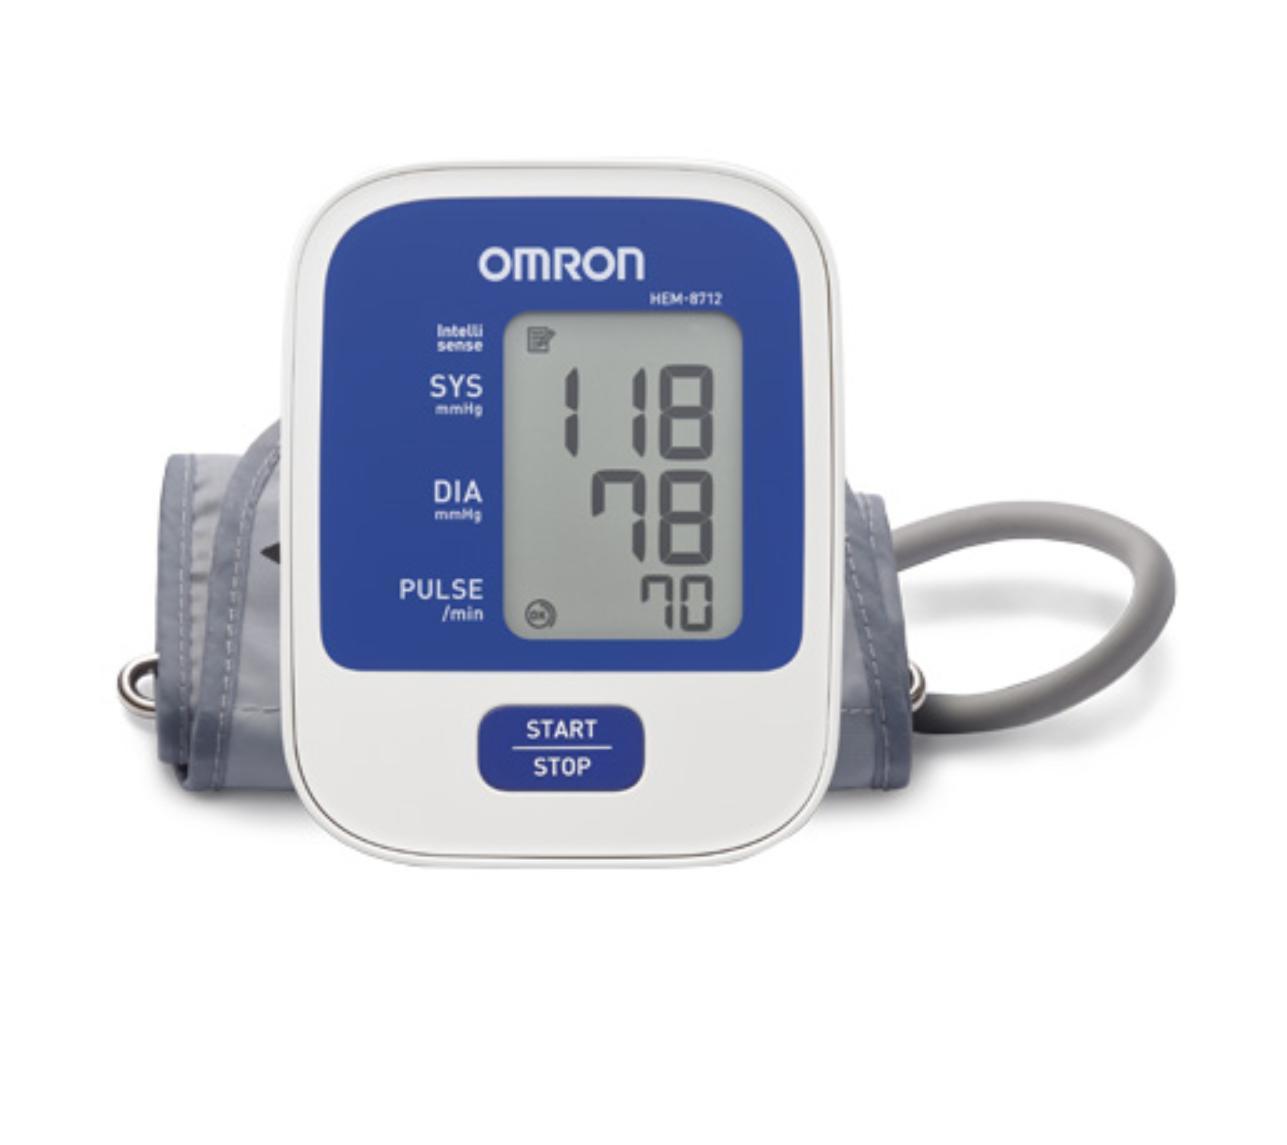 Máy đo huyết áp bắp tay OMRON HEM-8712 Tặng nhiệt ẩm kế cột cỡ đại Tanaka